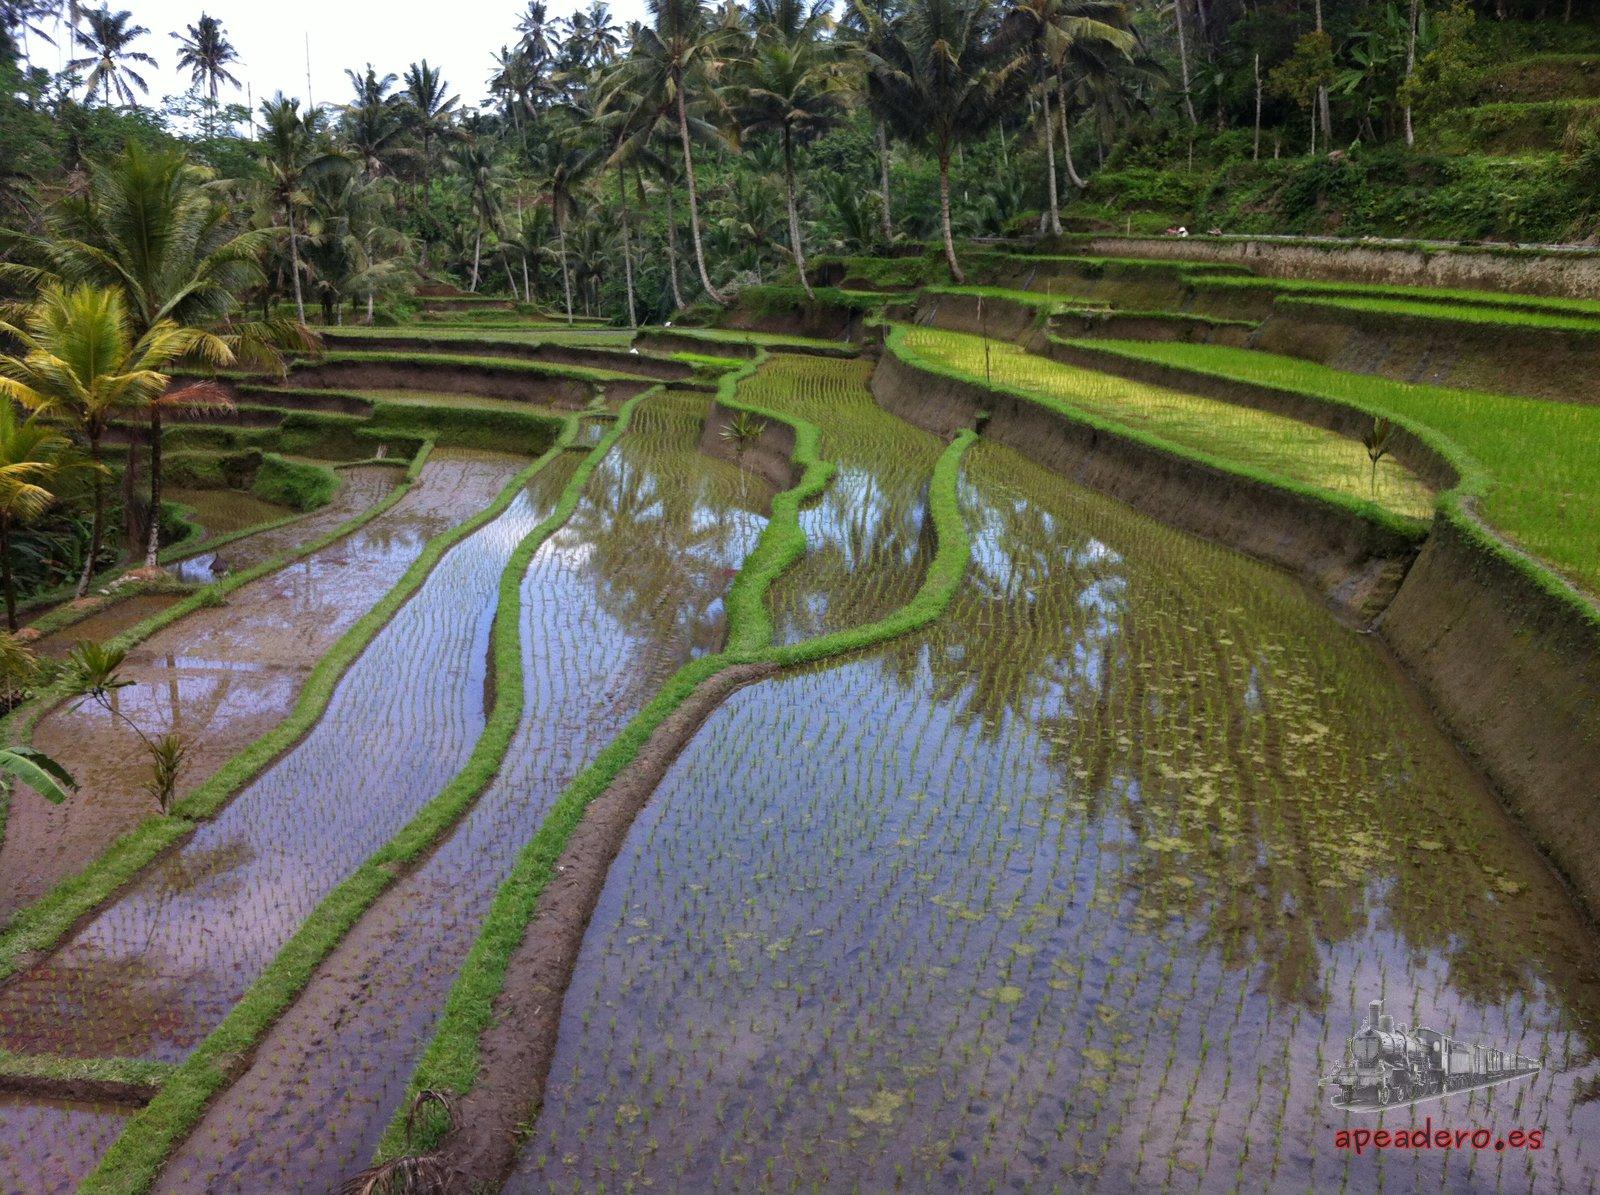 Toda la isla de Bali está llena de terrazas de arroz, las mejores son las del norte, preguntad donde alquiléis la moto como llegar.